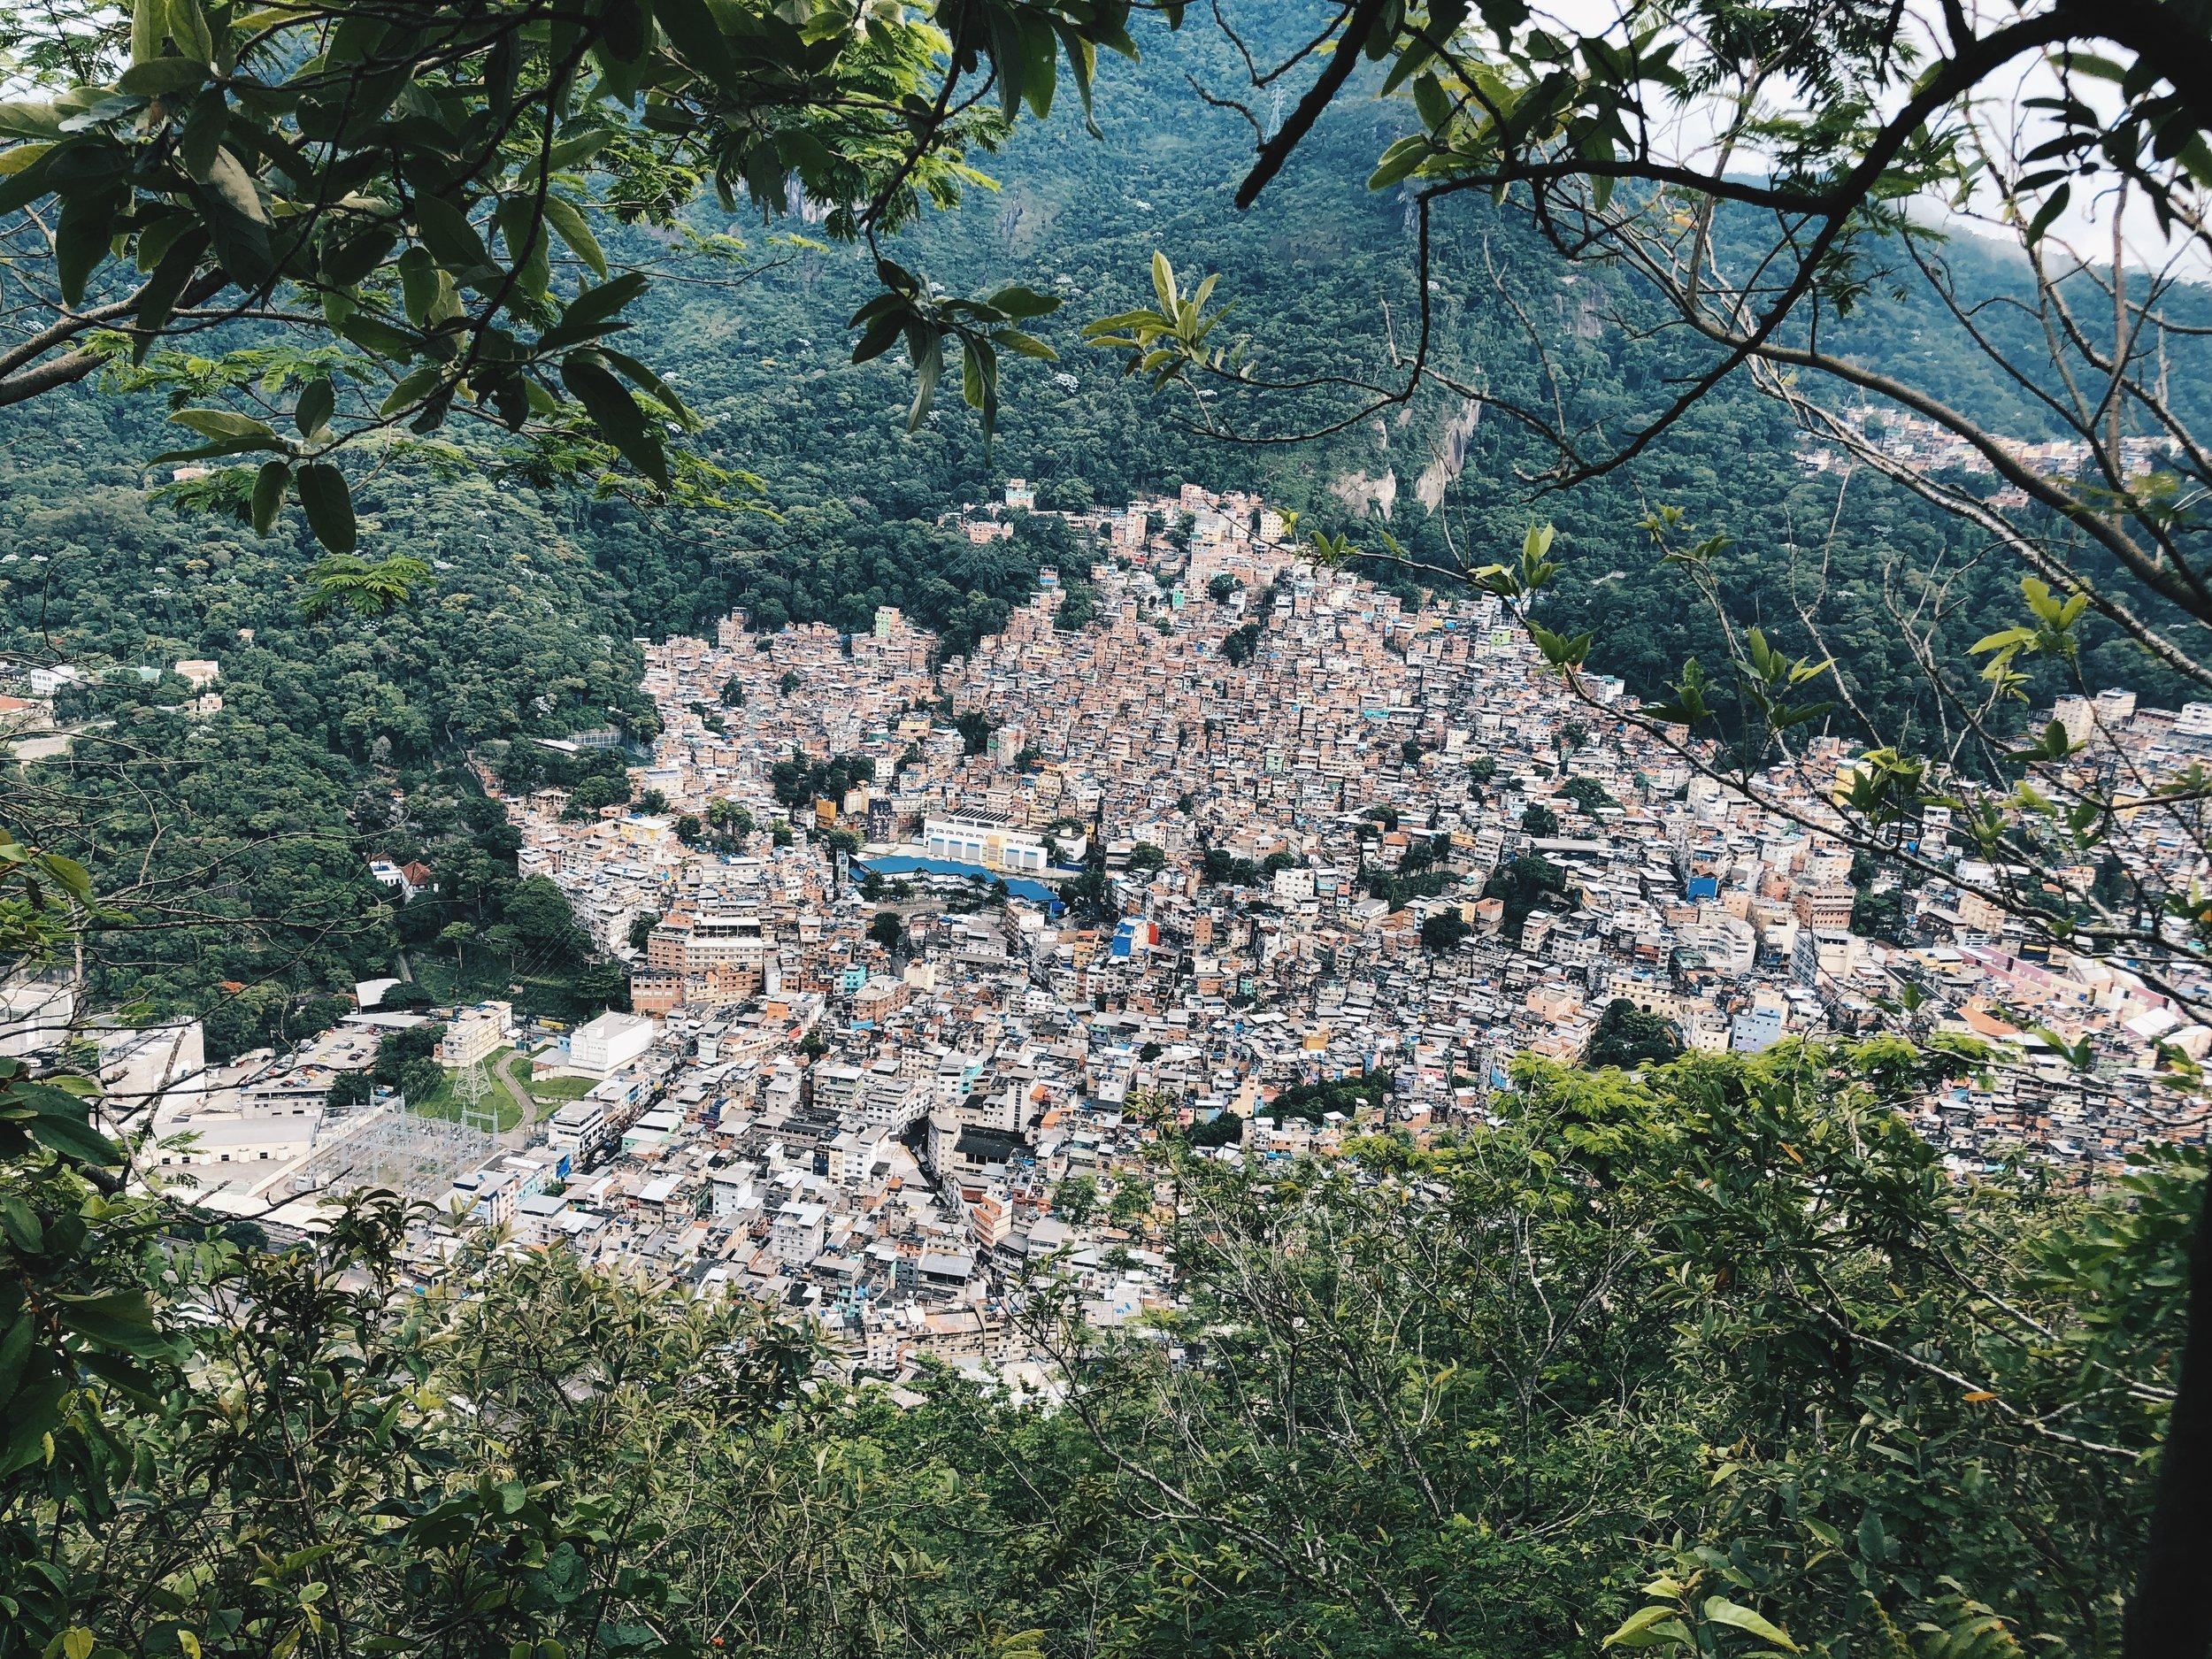 View of Favela da Rocinha, Rio